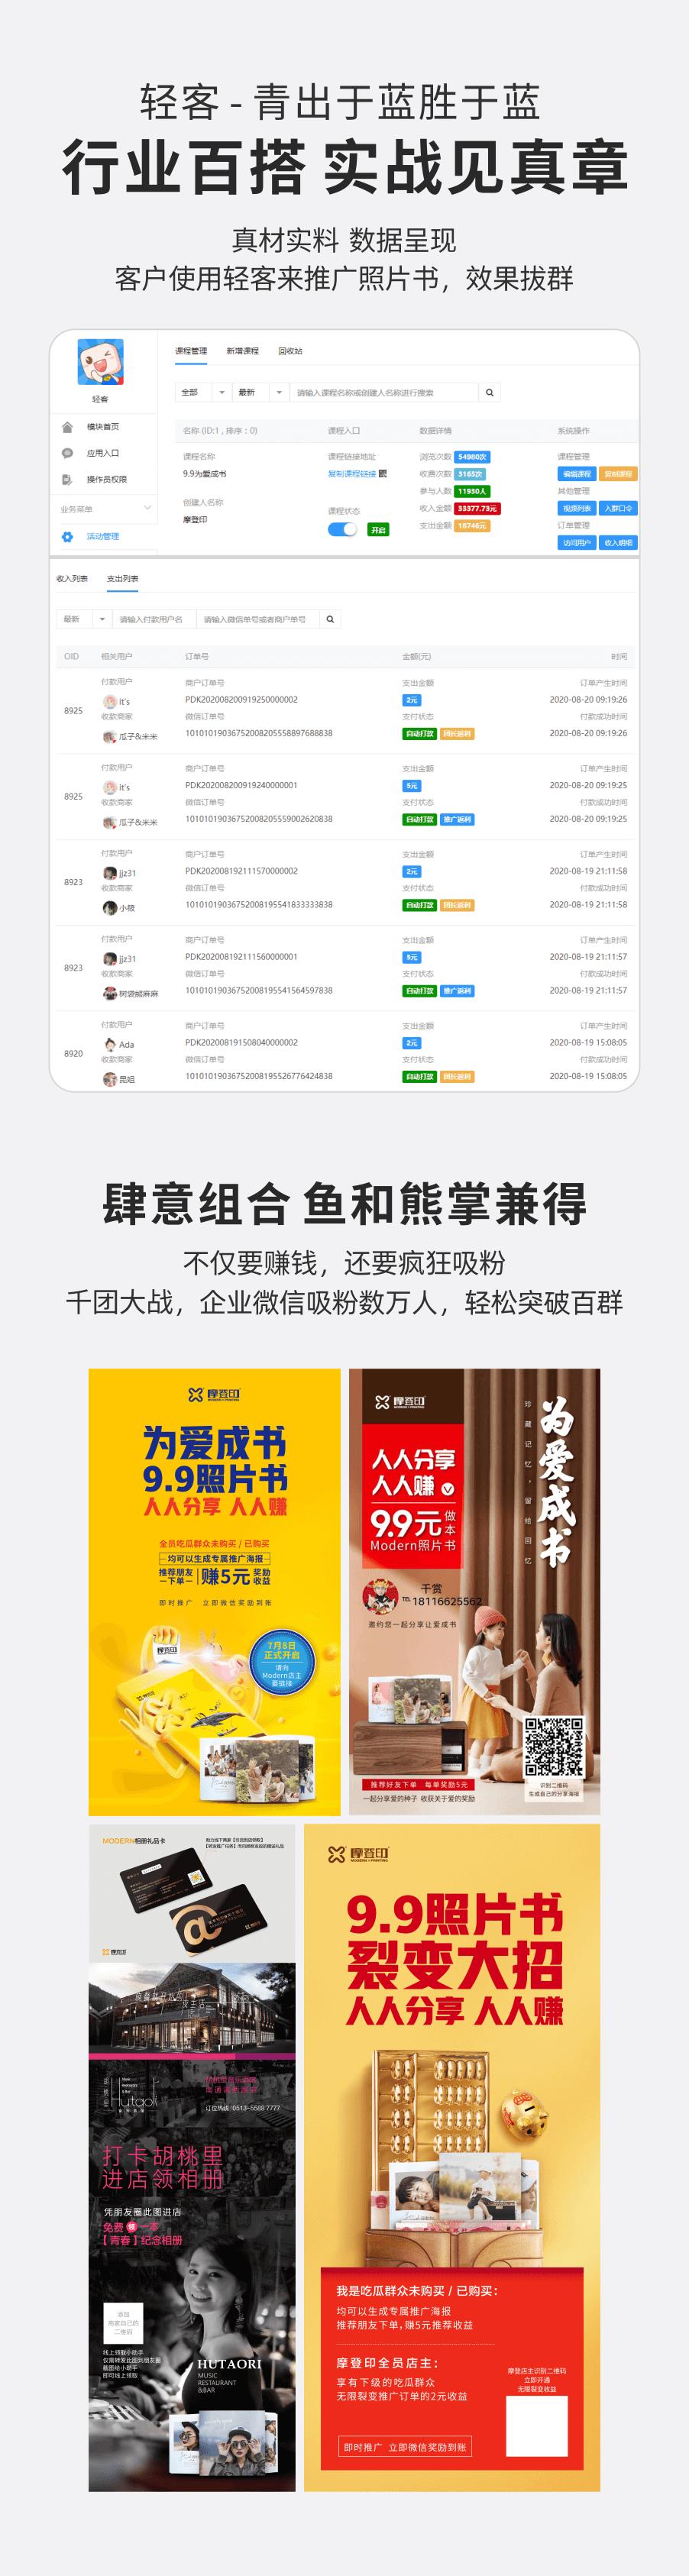 轻客海报2020原_04.png